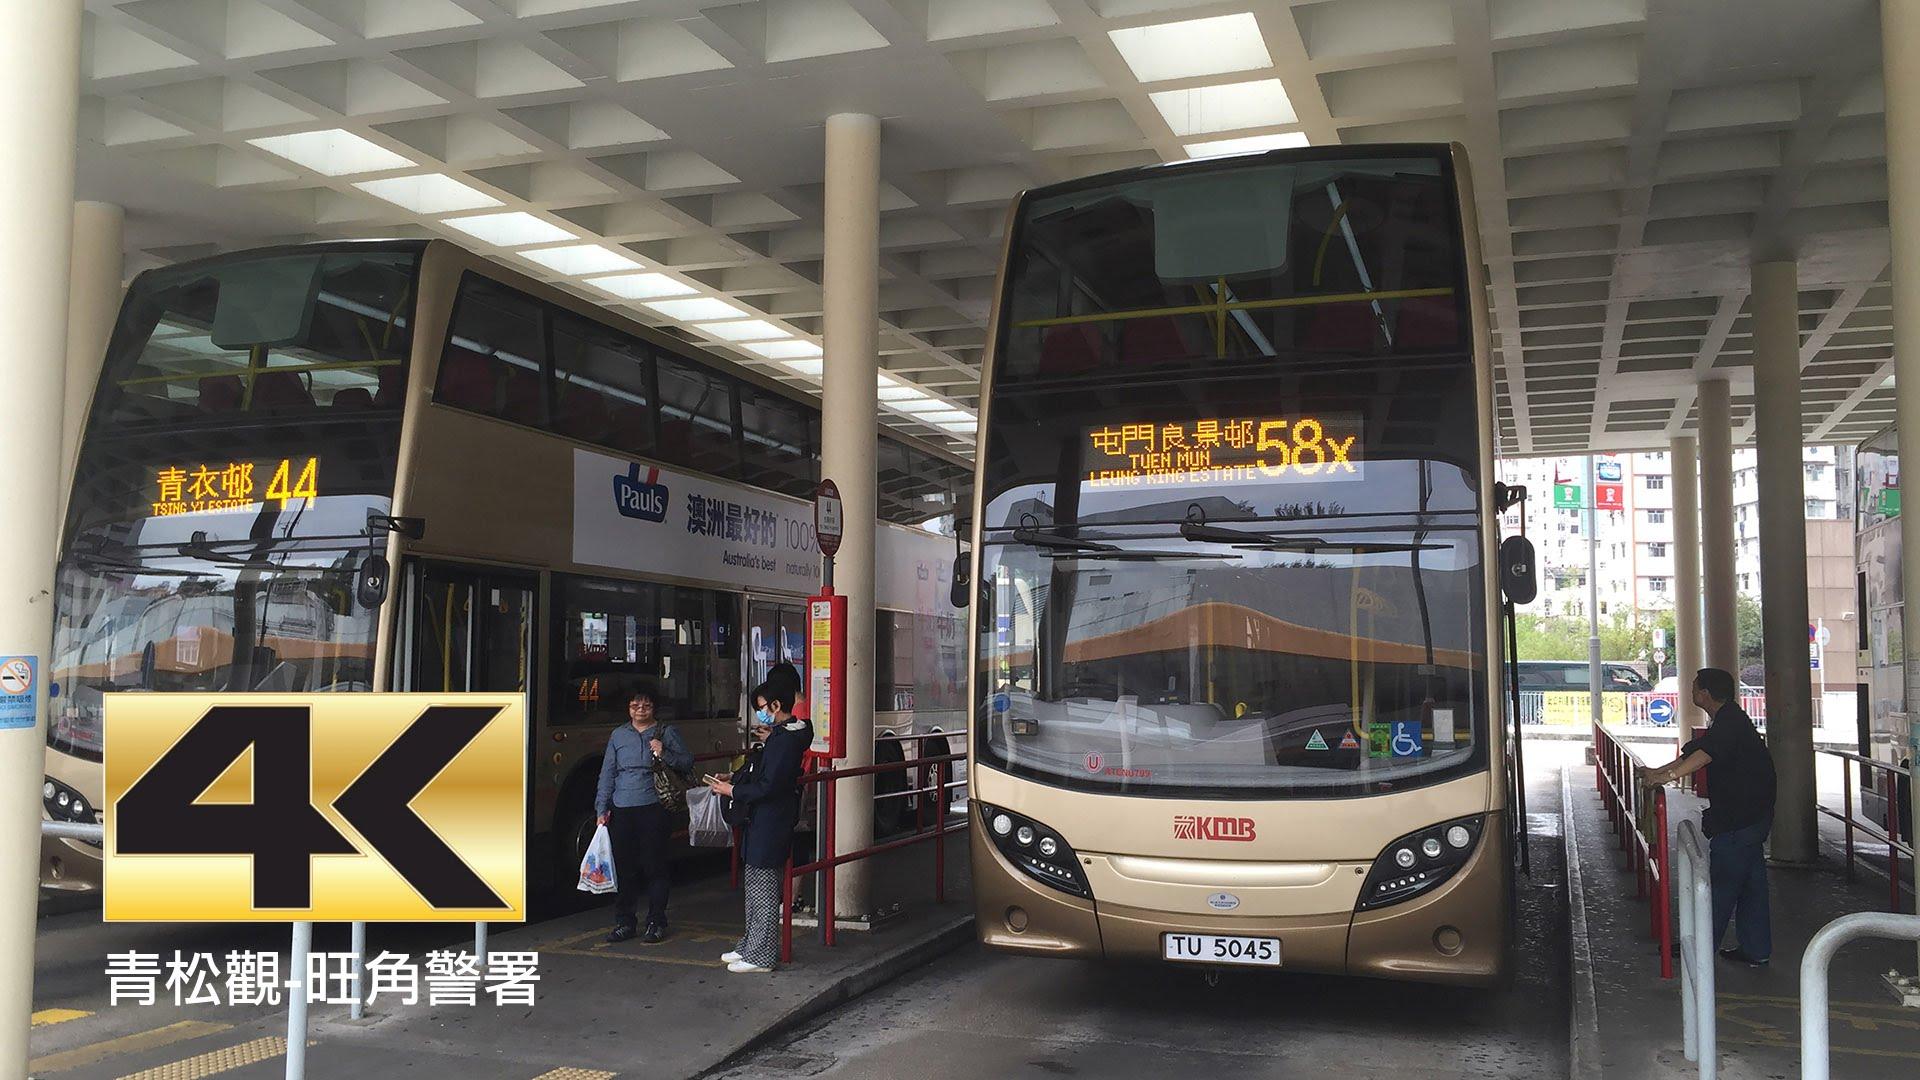 [4K] Hong Kong Bus KMB ATENU799 @ 58X 九龍巴士 Dennis Enviro 50D 青松觀-旺角警署